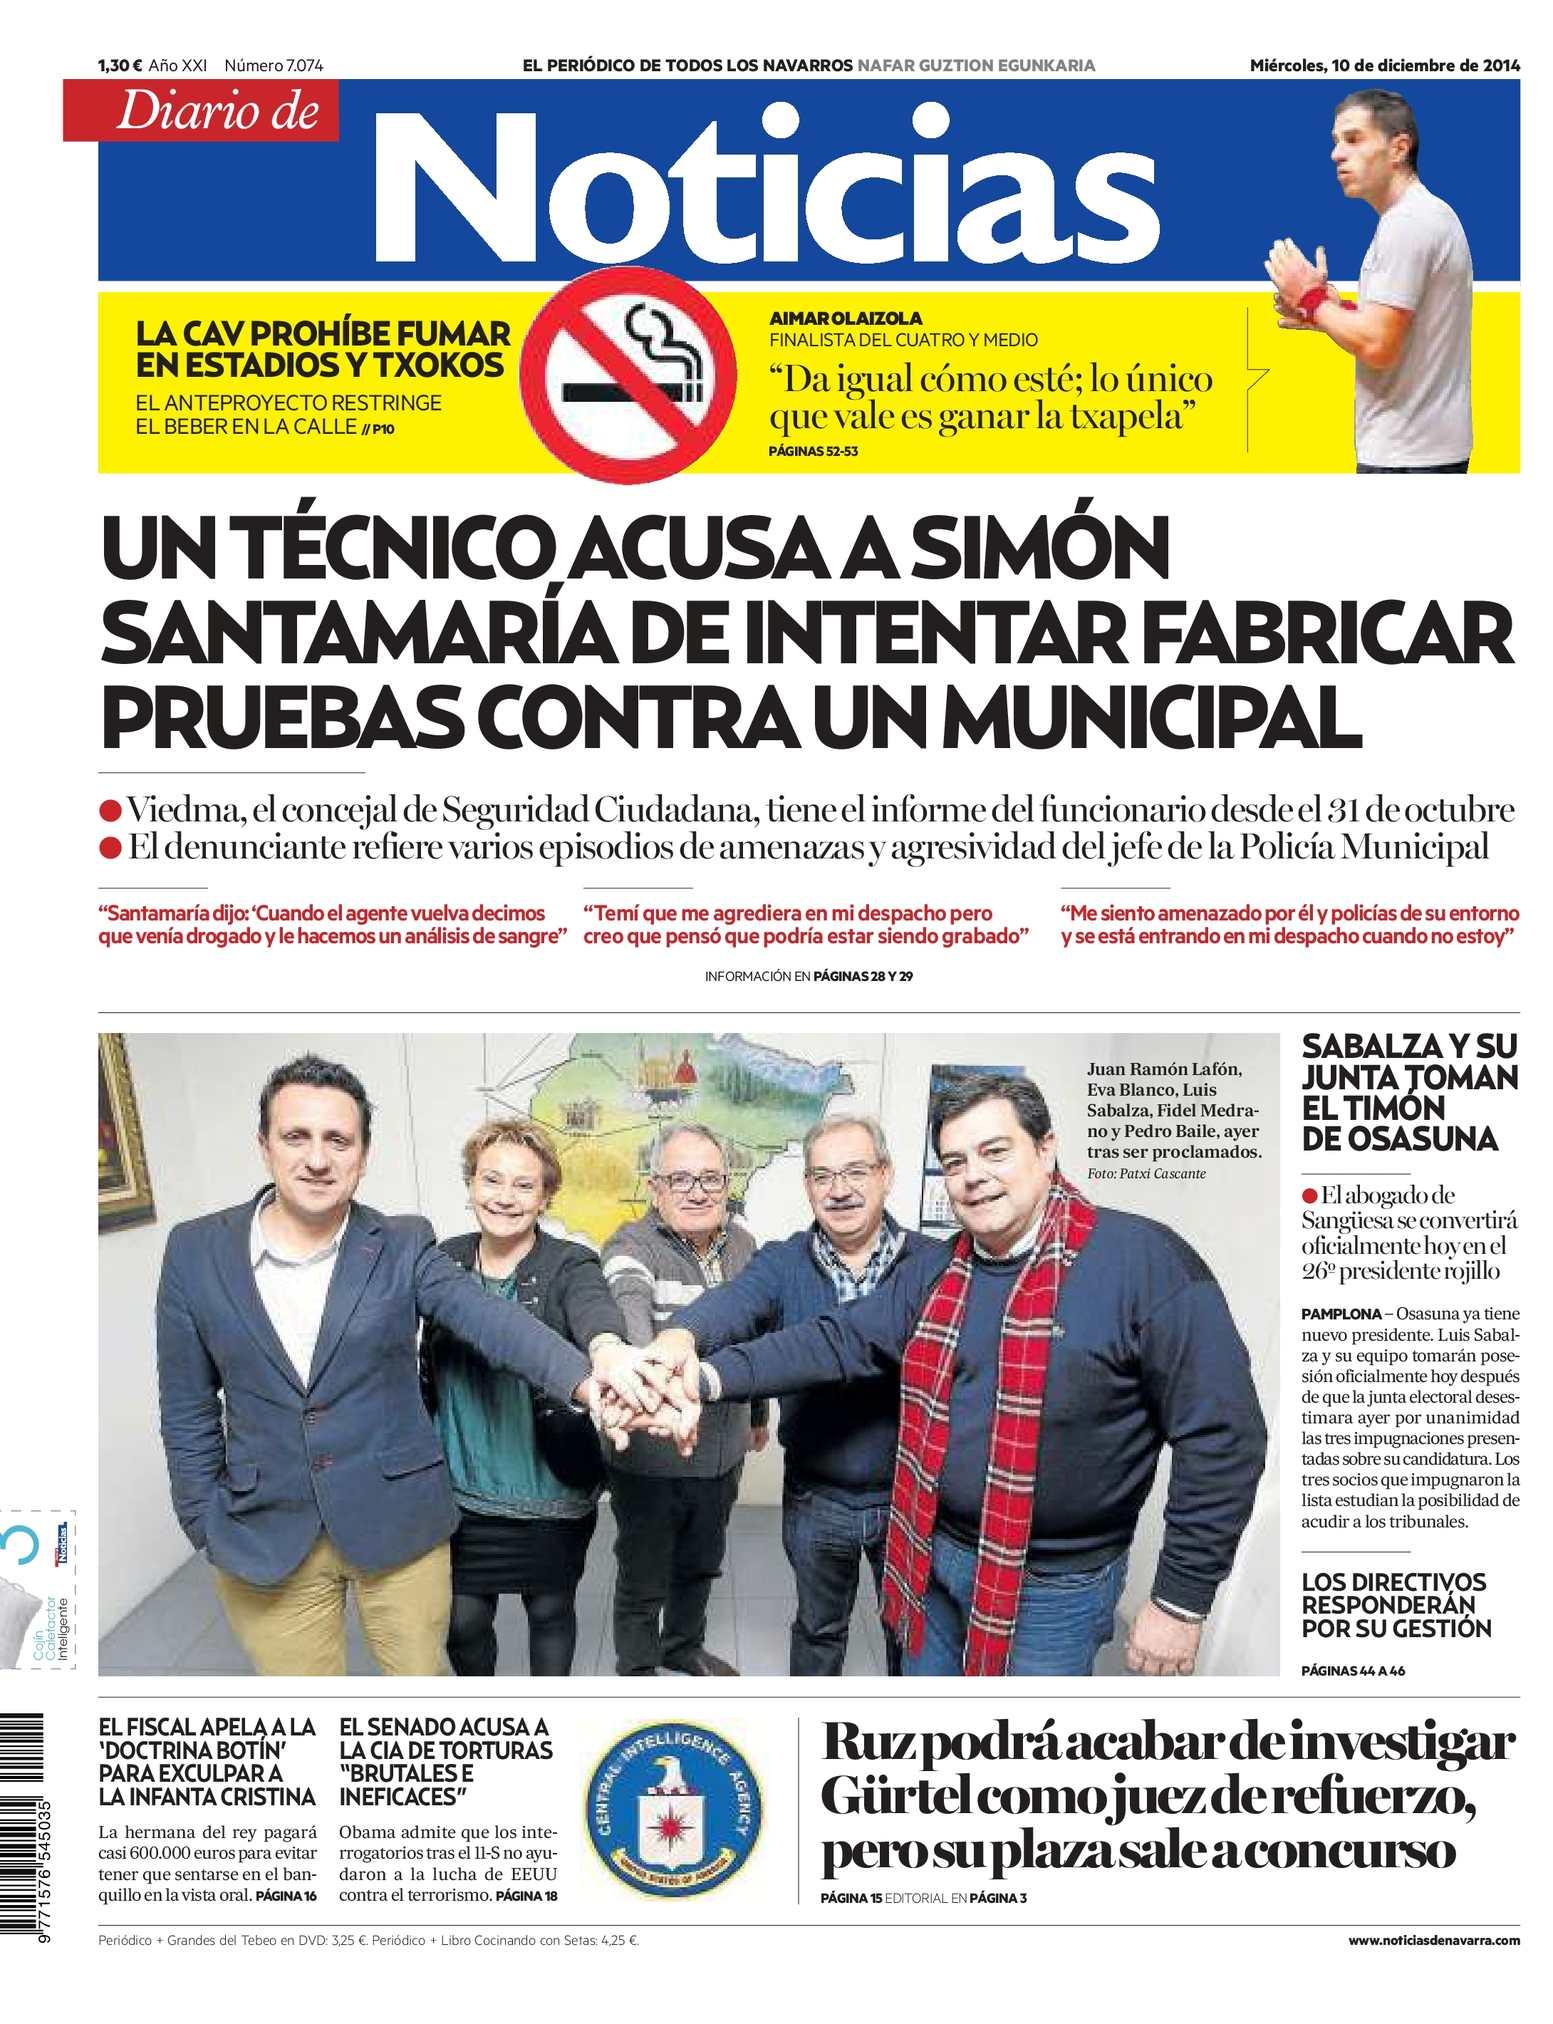 Calaméo - Diario de Noticias 20141210